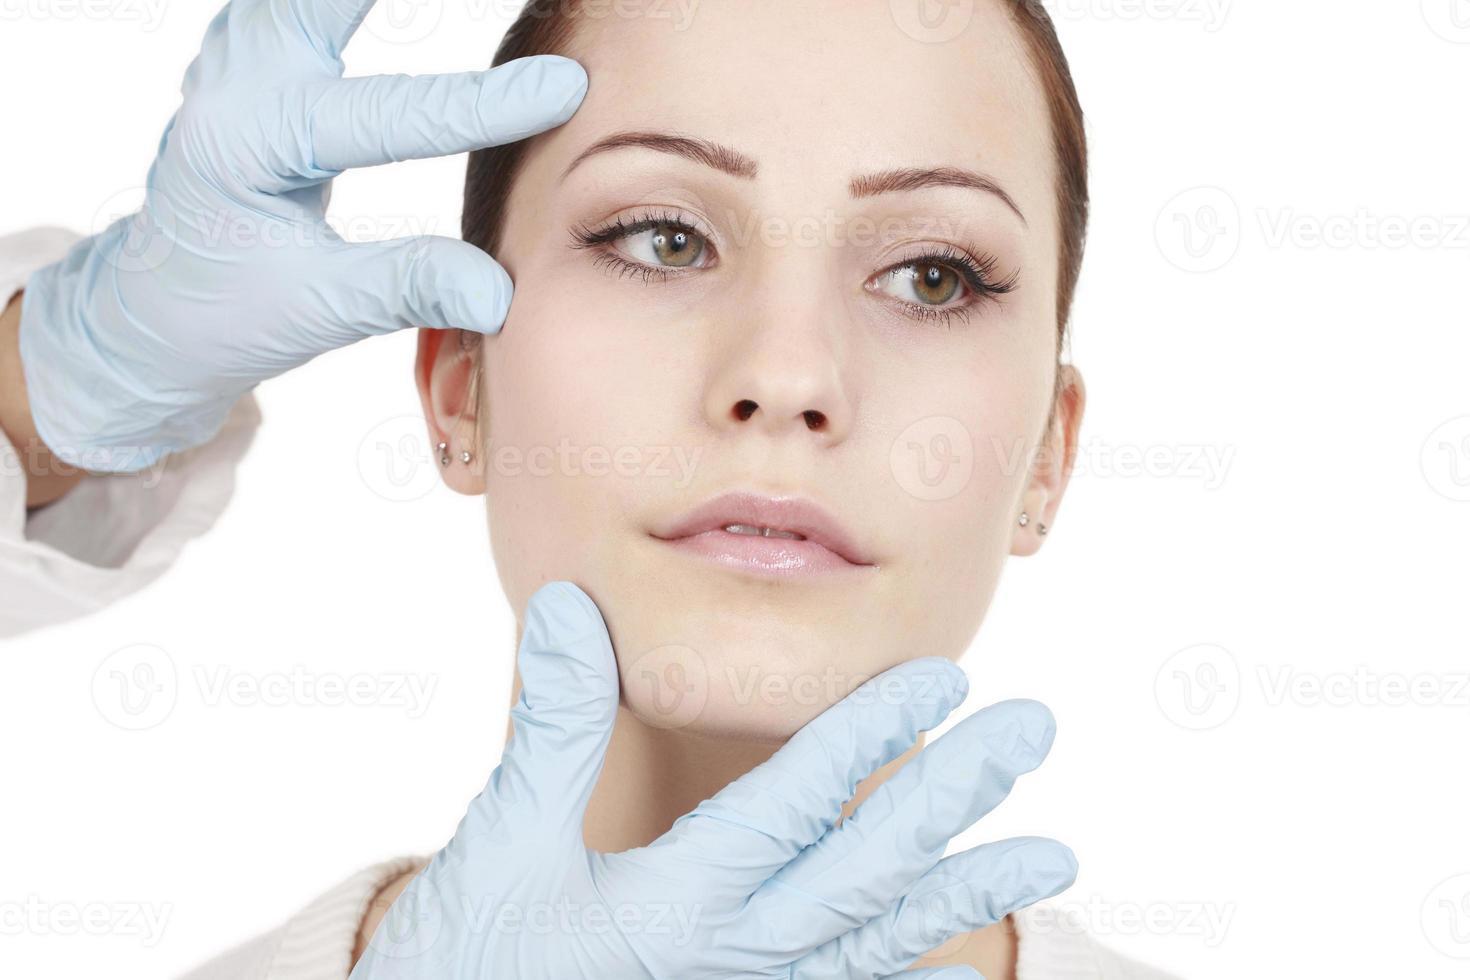 jolie femme reçoit un traitement de beauté photo